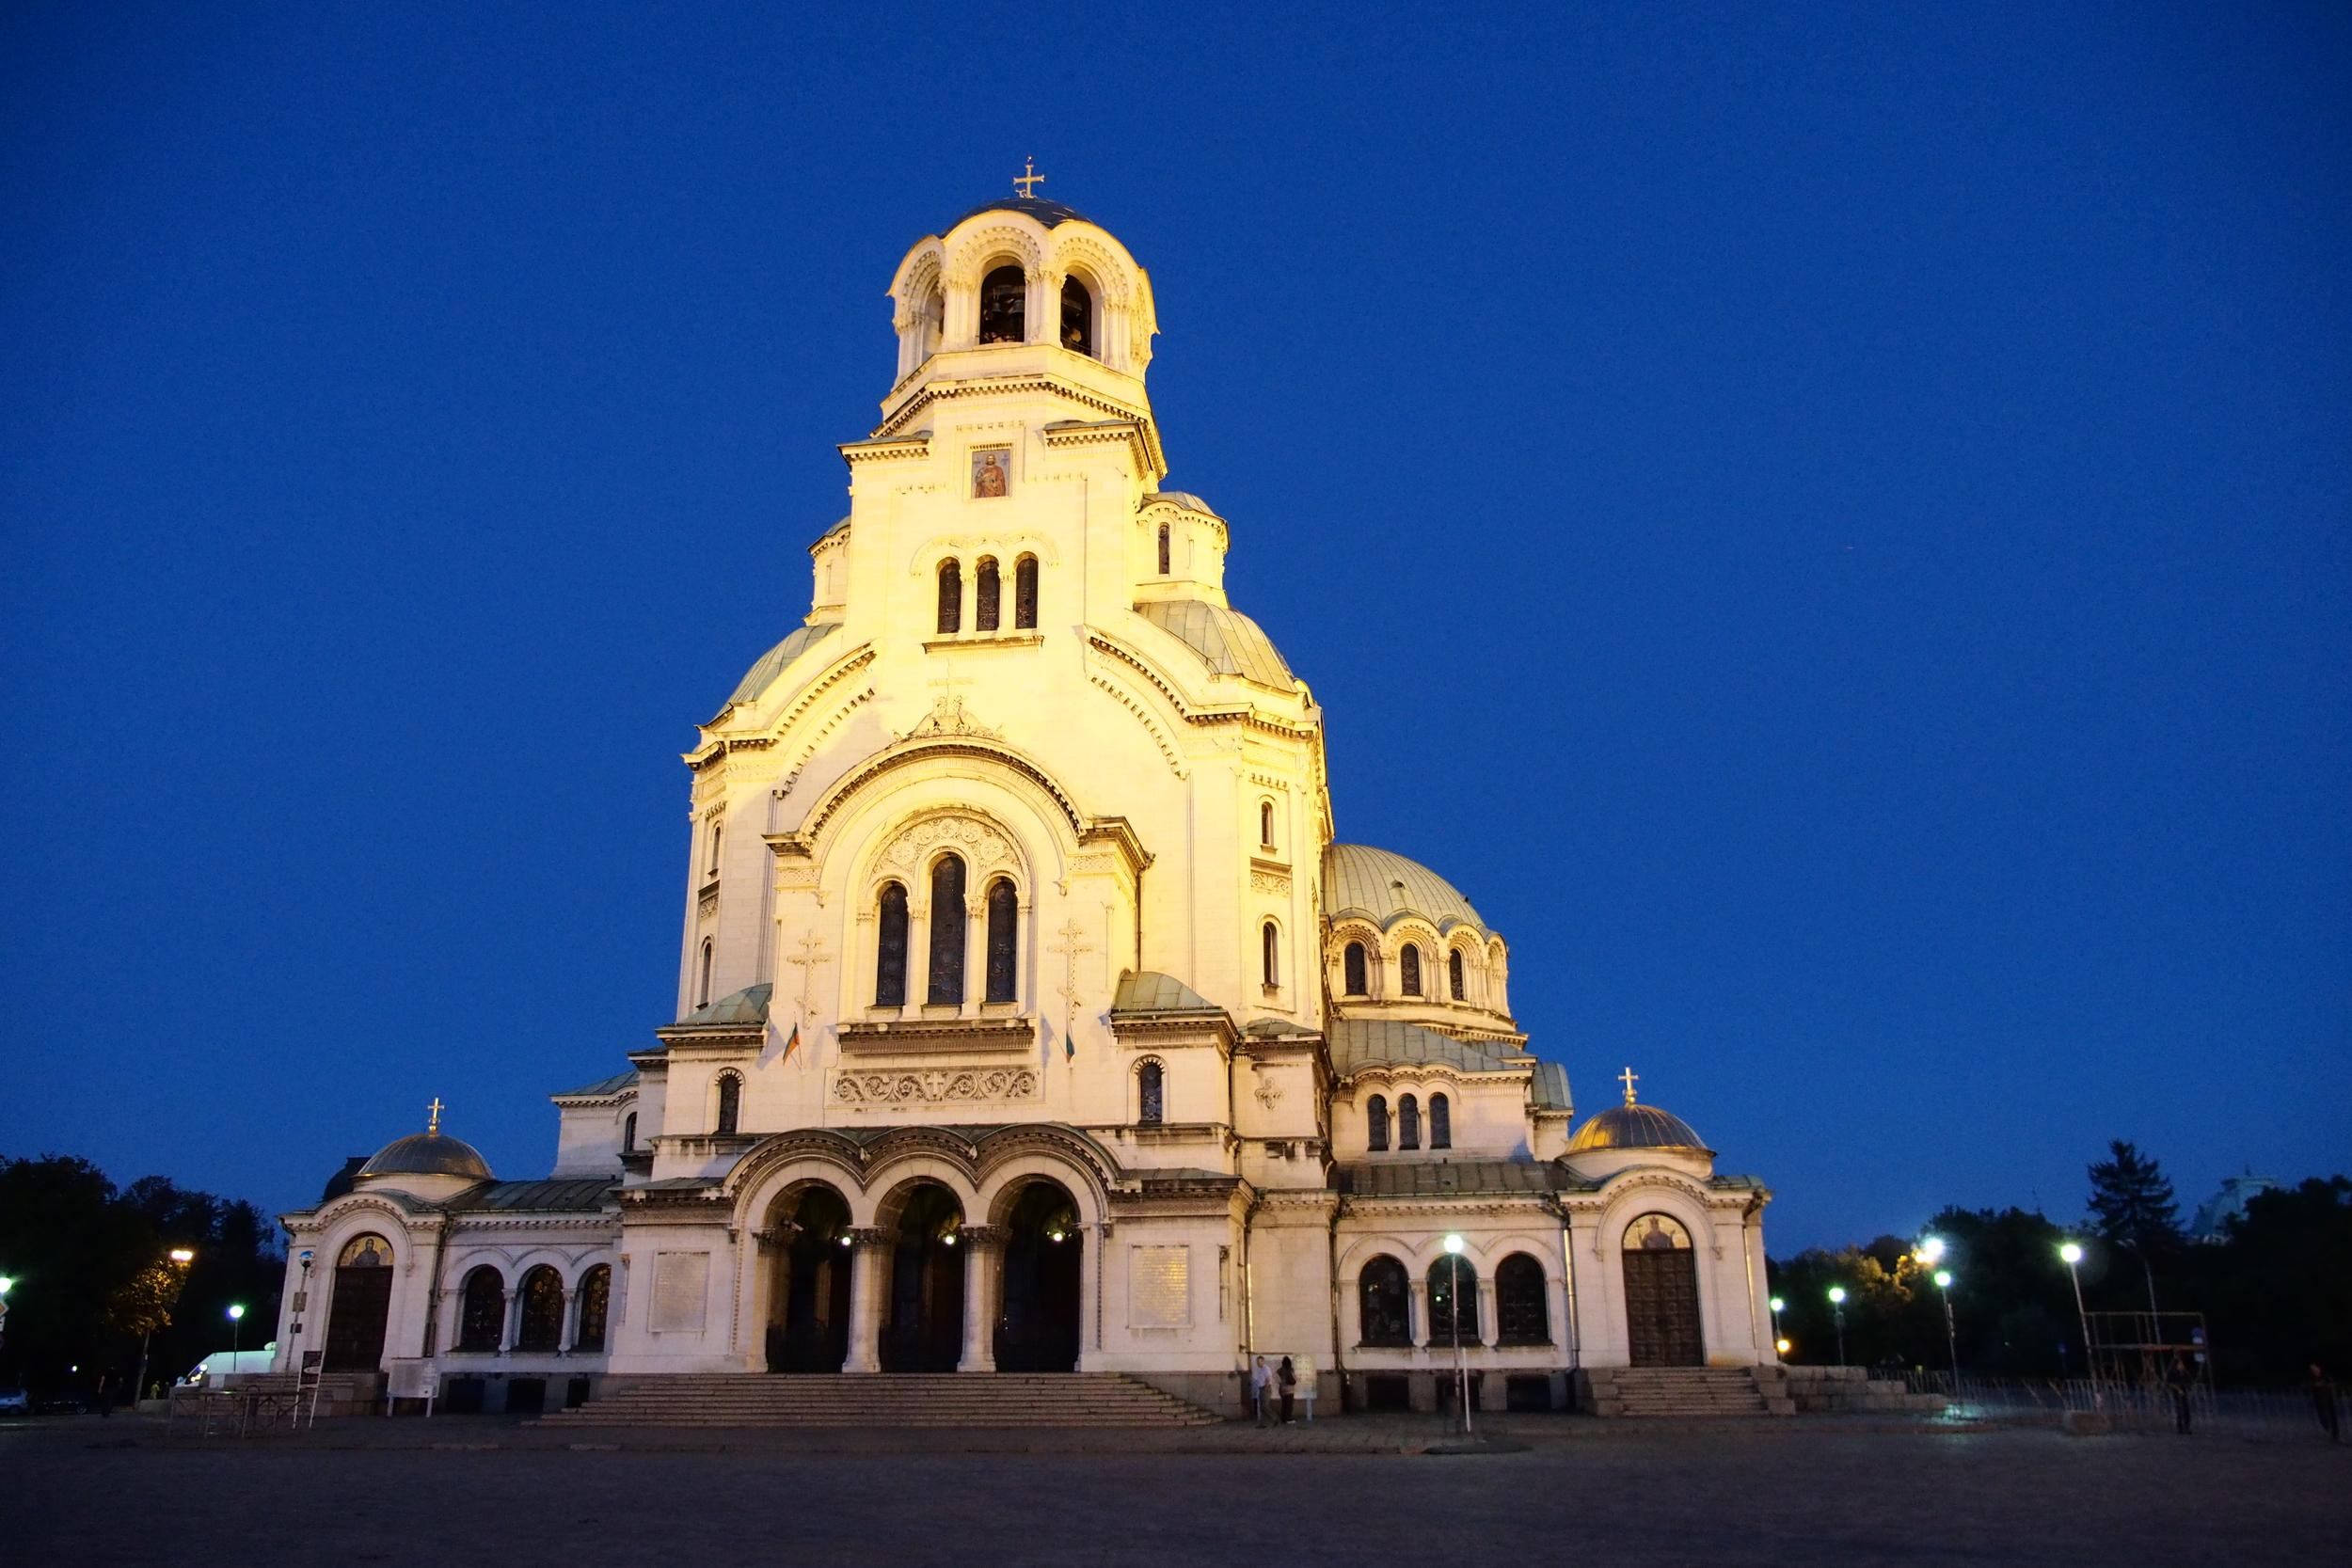 Sofia's Alexander Nevsky Cathedral by night.